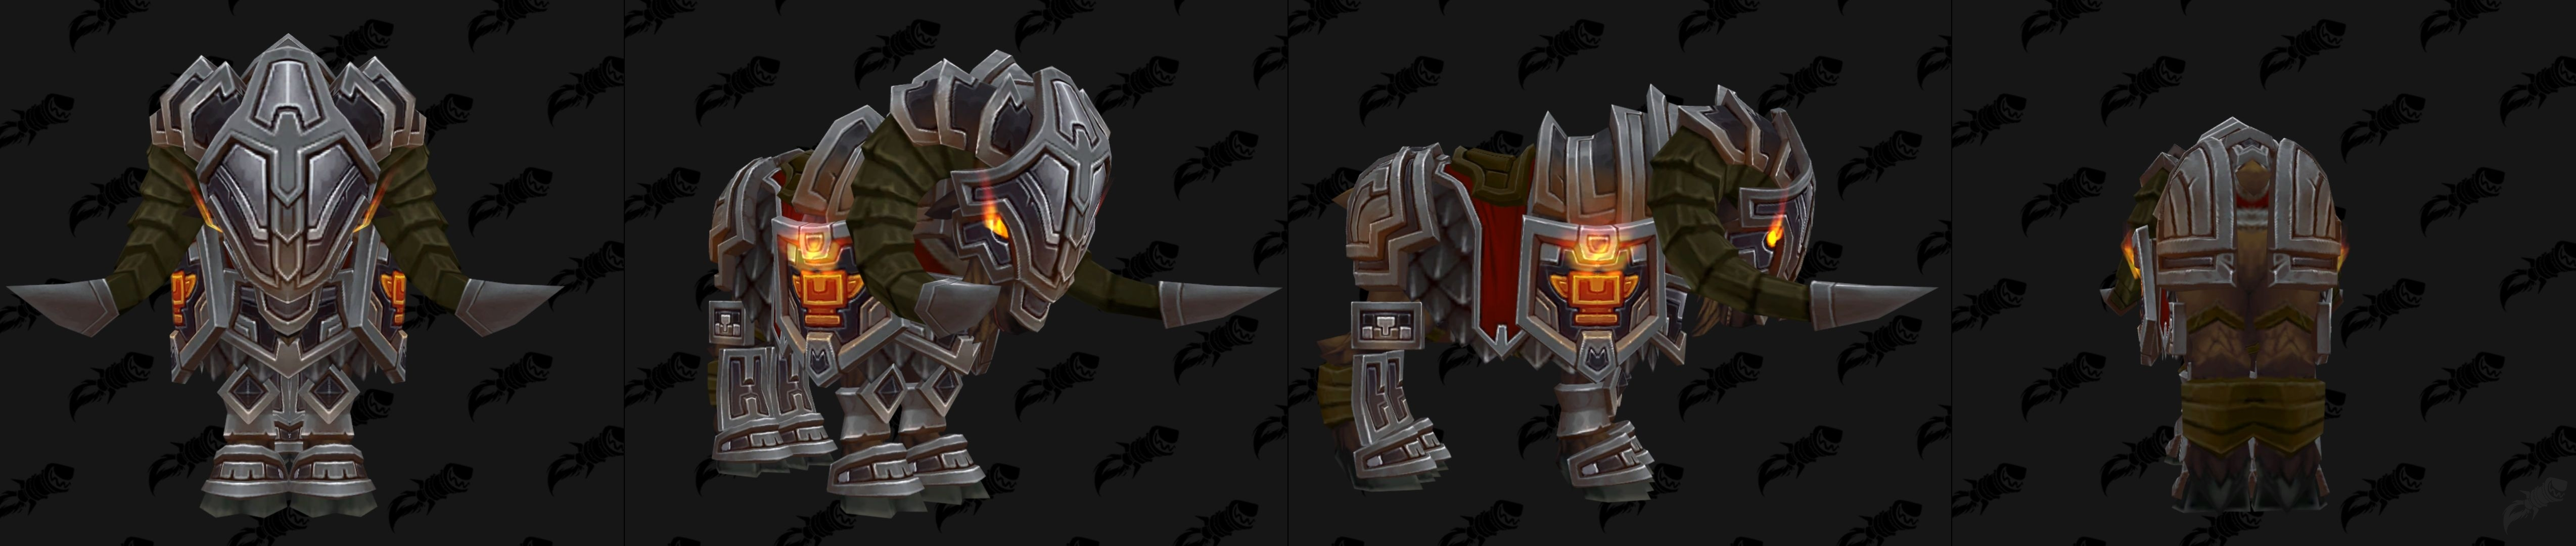 WoW Dark Iron Paladin Widder 2